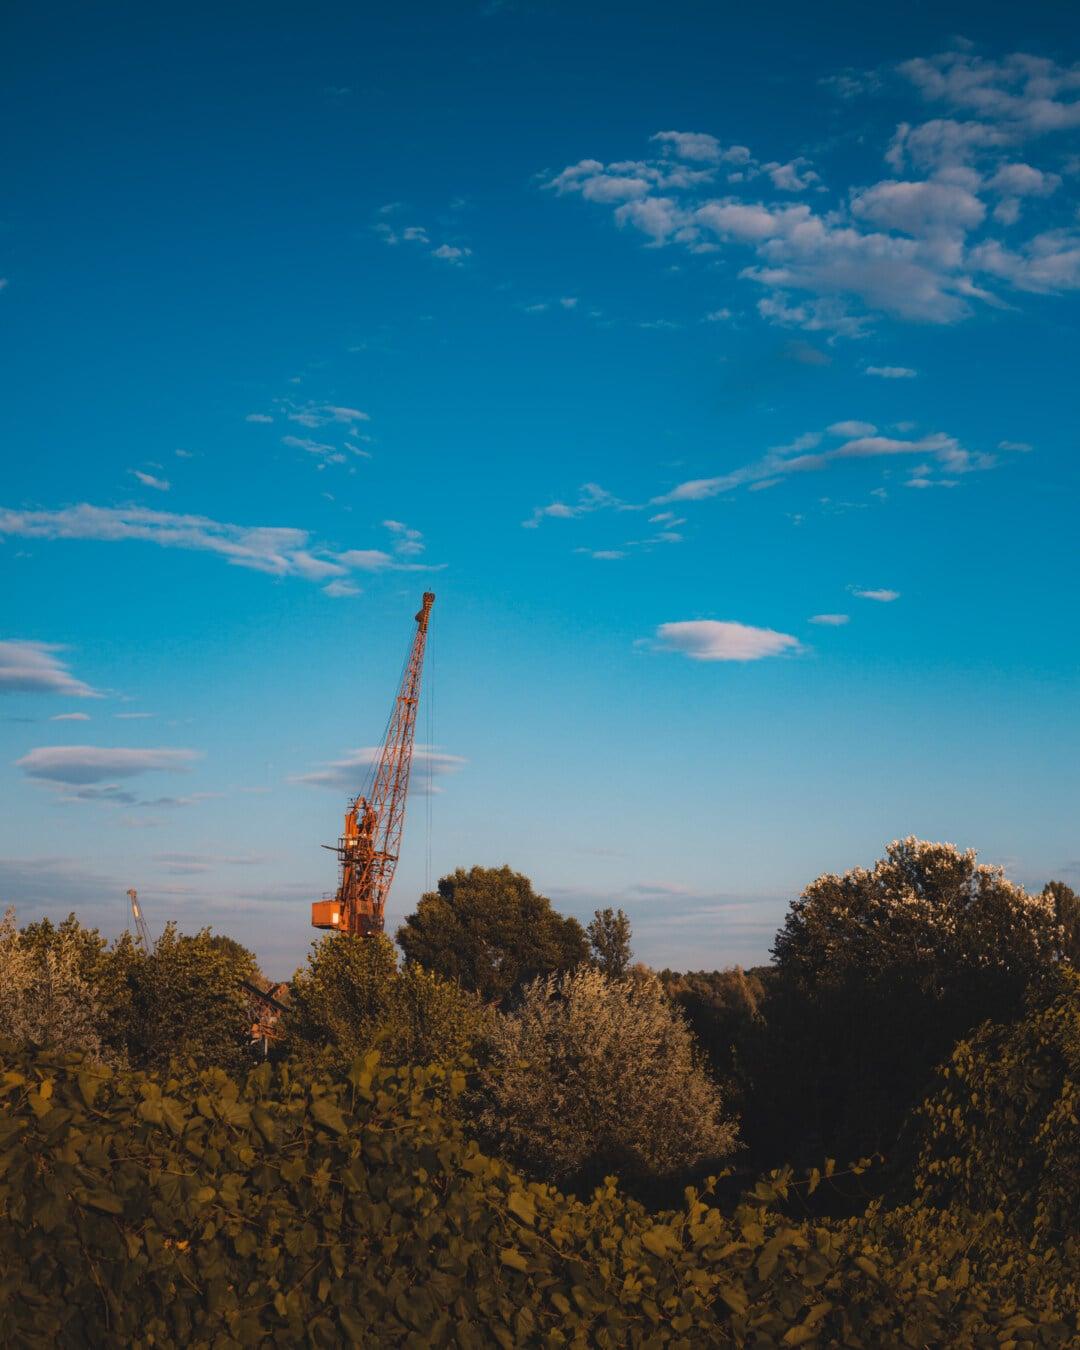 Crane, machine, industriel, bois, forêt, distance, paysage, arbre, atmosphère, aube